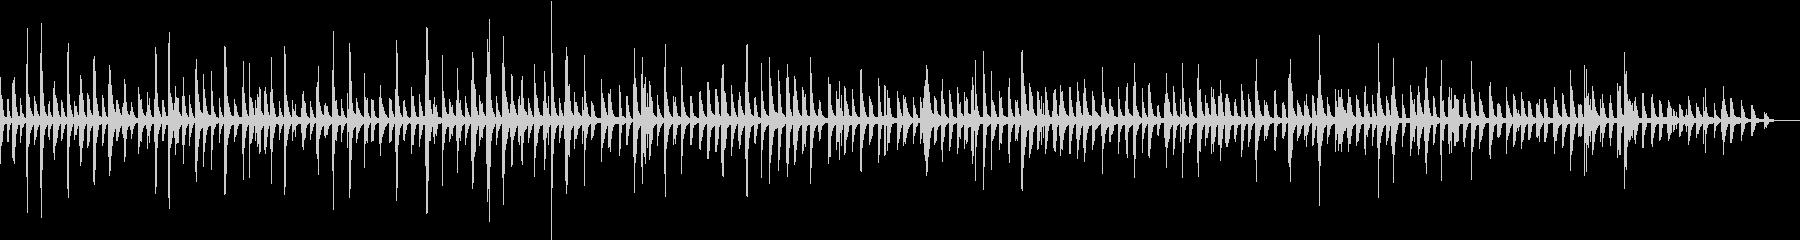 ヒーリング癒しのピアノソロBGMの未再生の波形